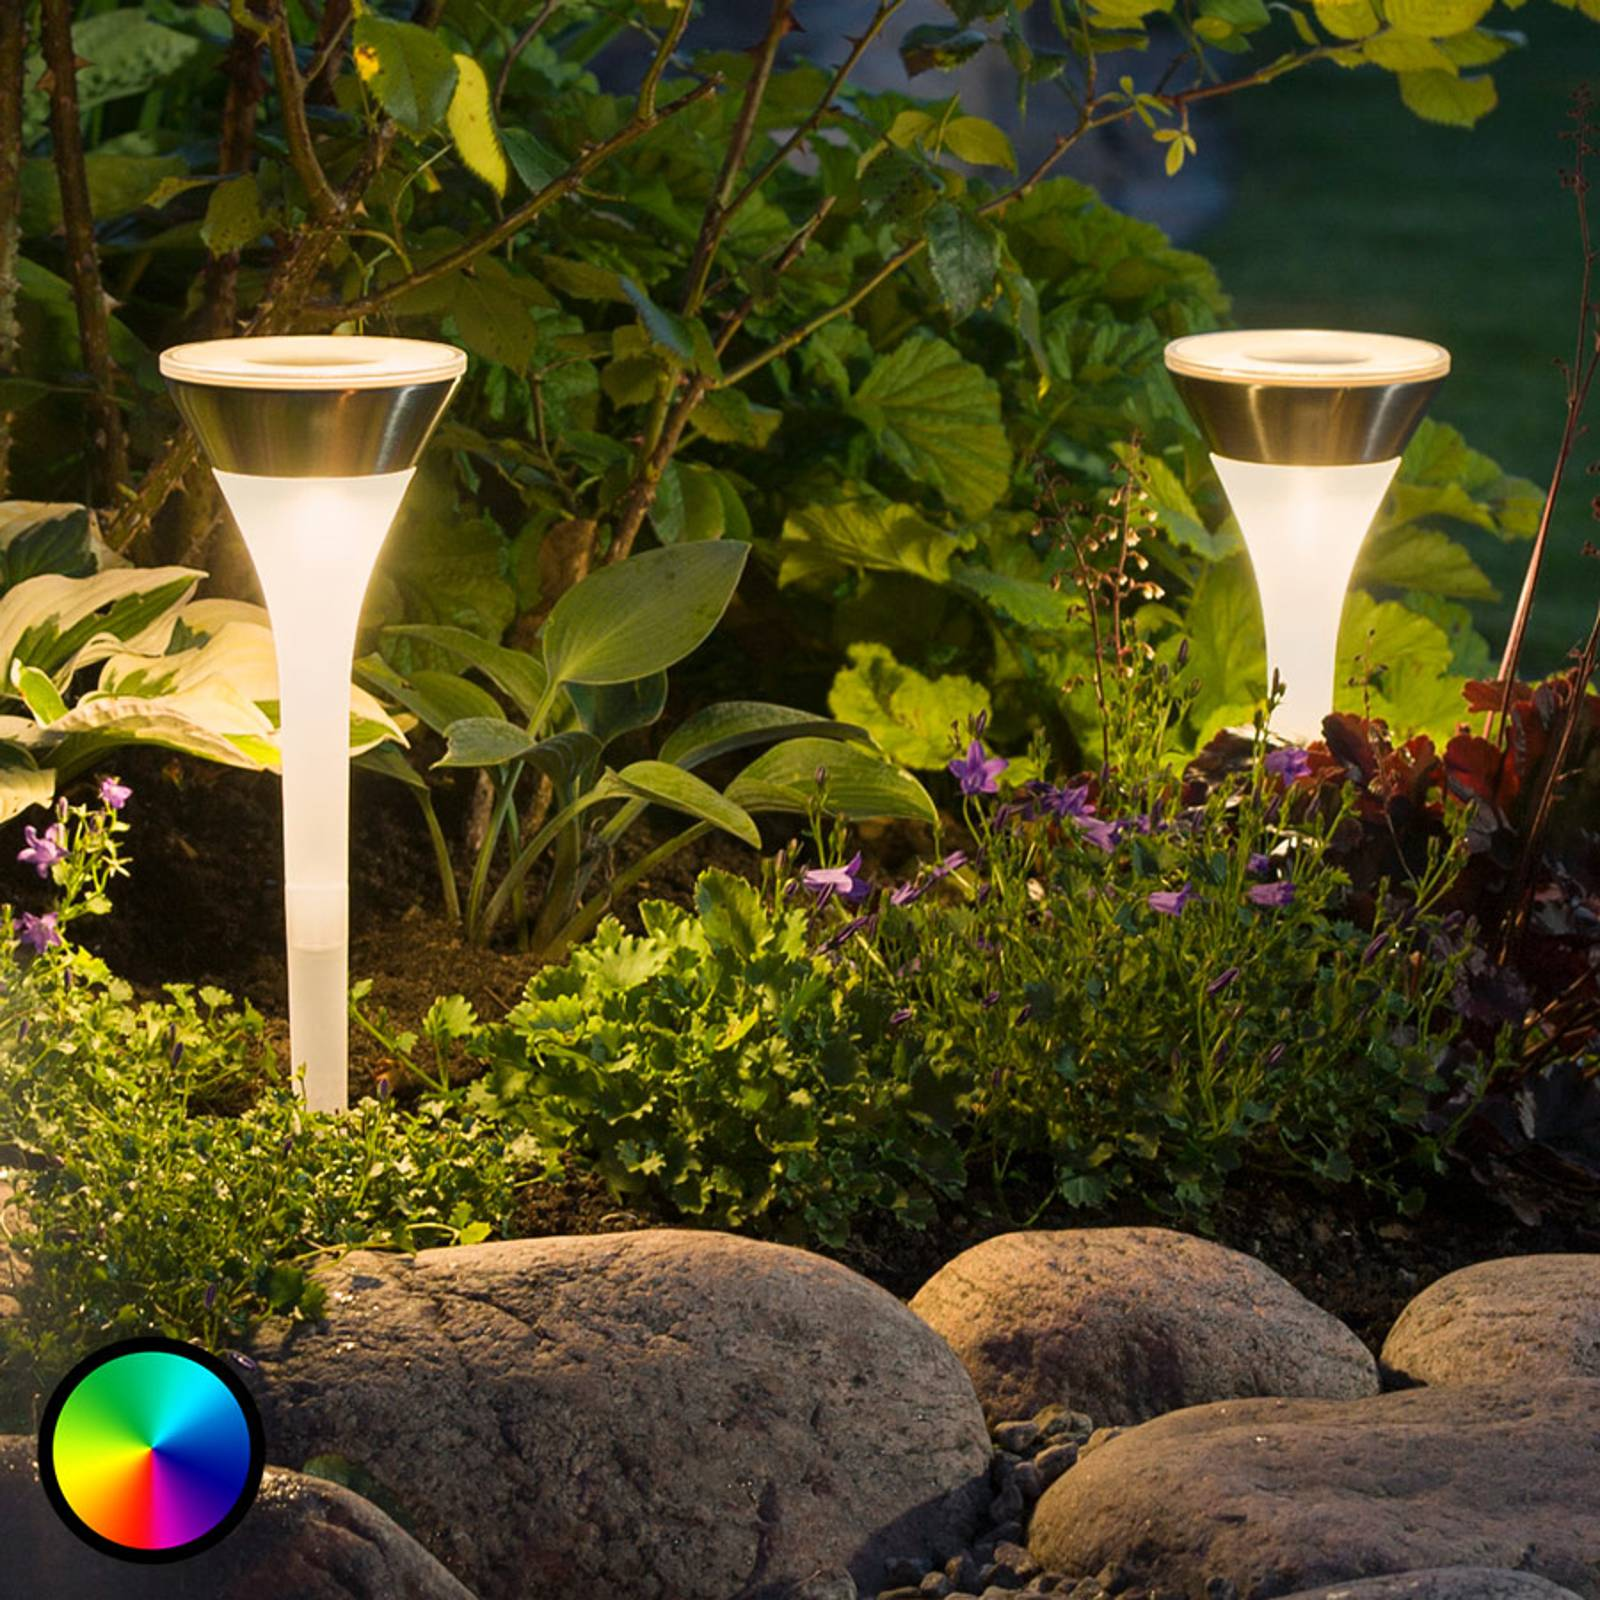 Grondspieslamp Assisi op zonne-energie m. RGB LED